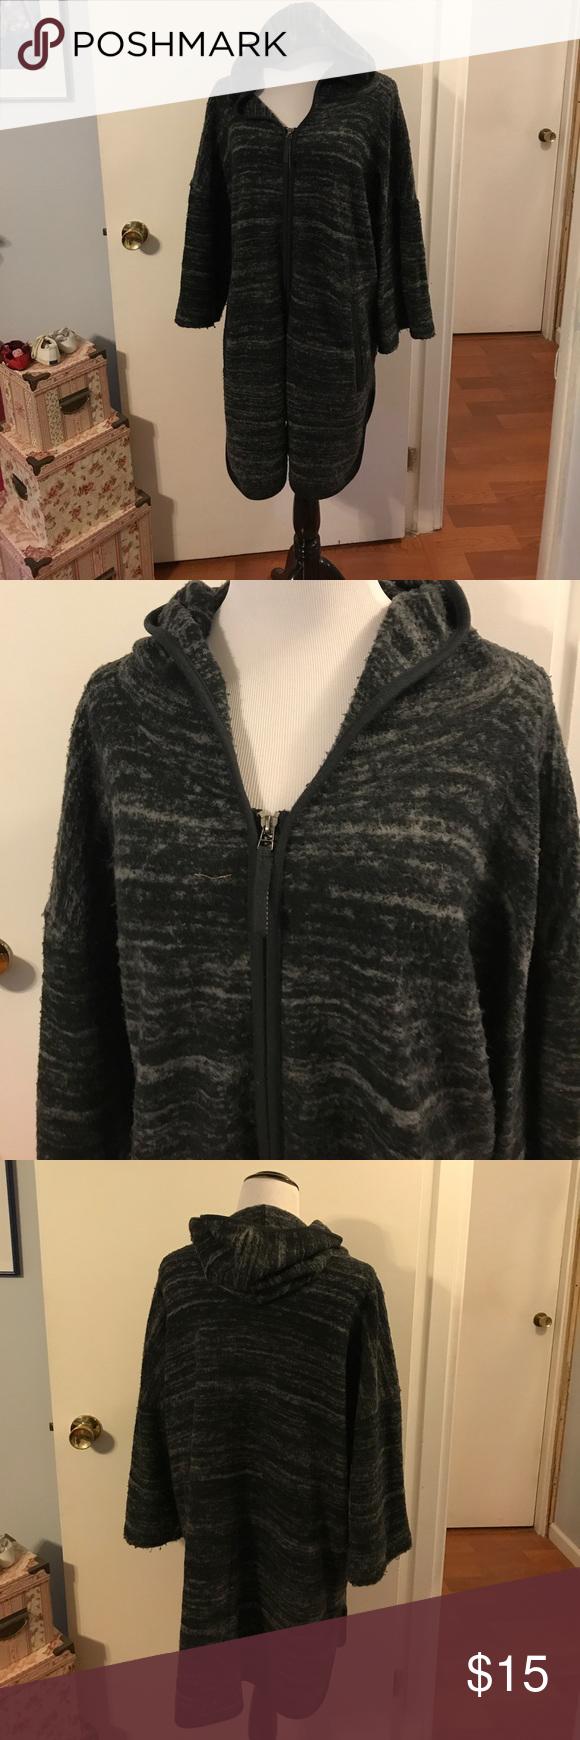 Simply Vera Vera wang fleece sweater coat | Coats, Sweater coats ...